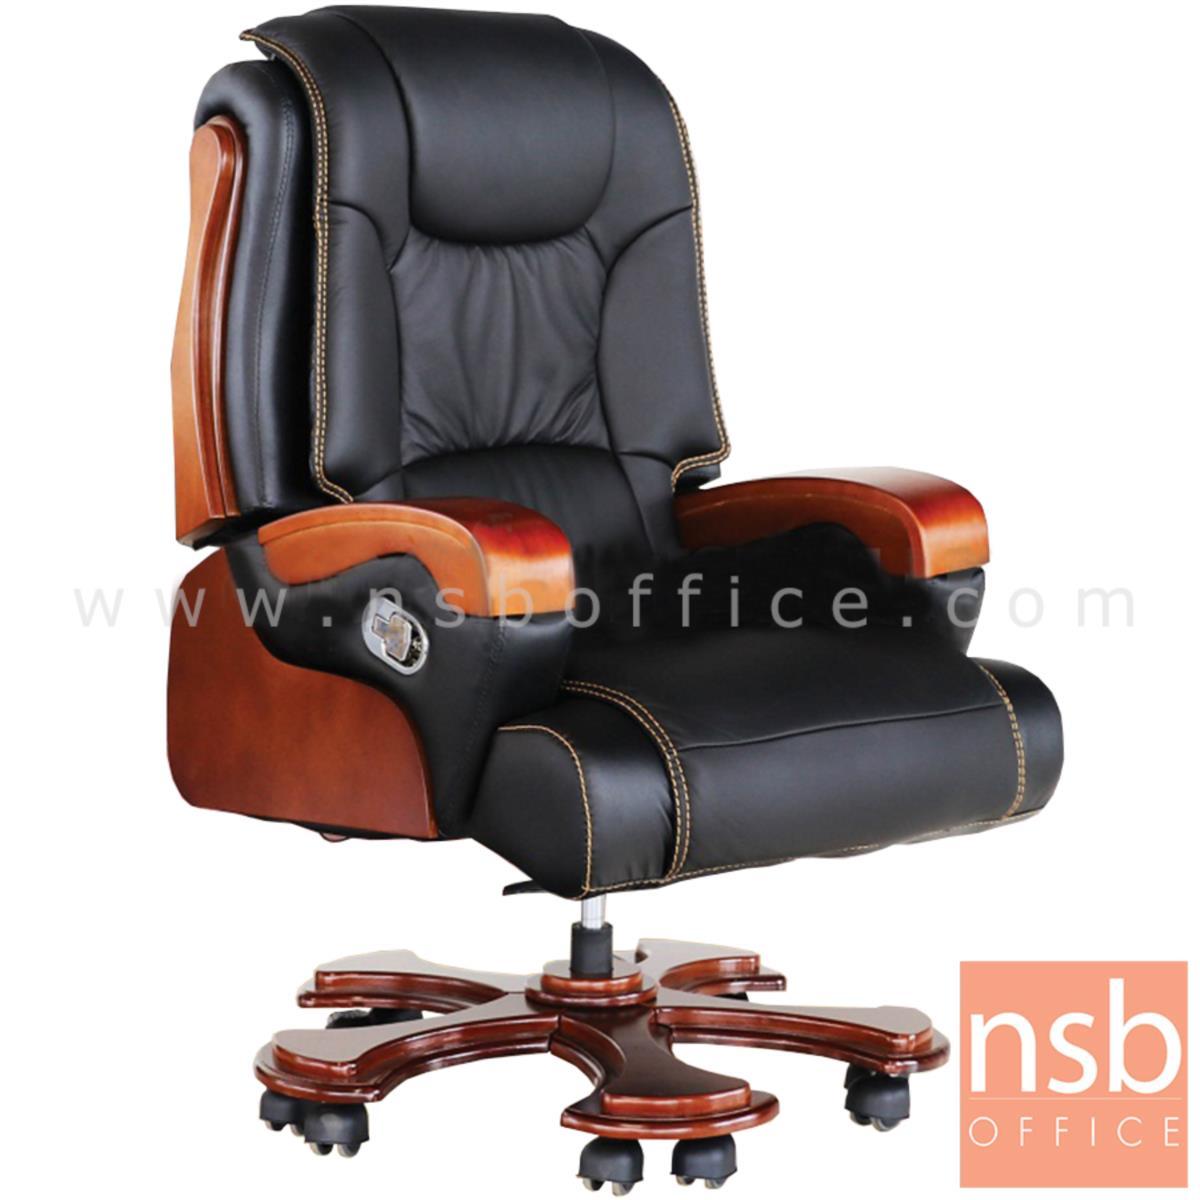 B25A100:เก้าอี้ผู้บริหารด้านหน้าหนังแท้ รุ่น Blunt (บลันต์)  โช๊คแก๊ส มีก้อนโยก ขาไม้